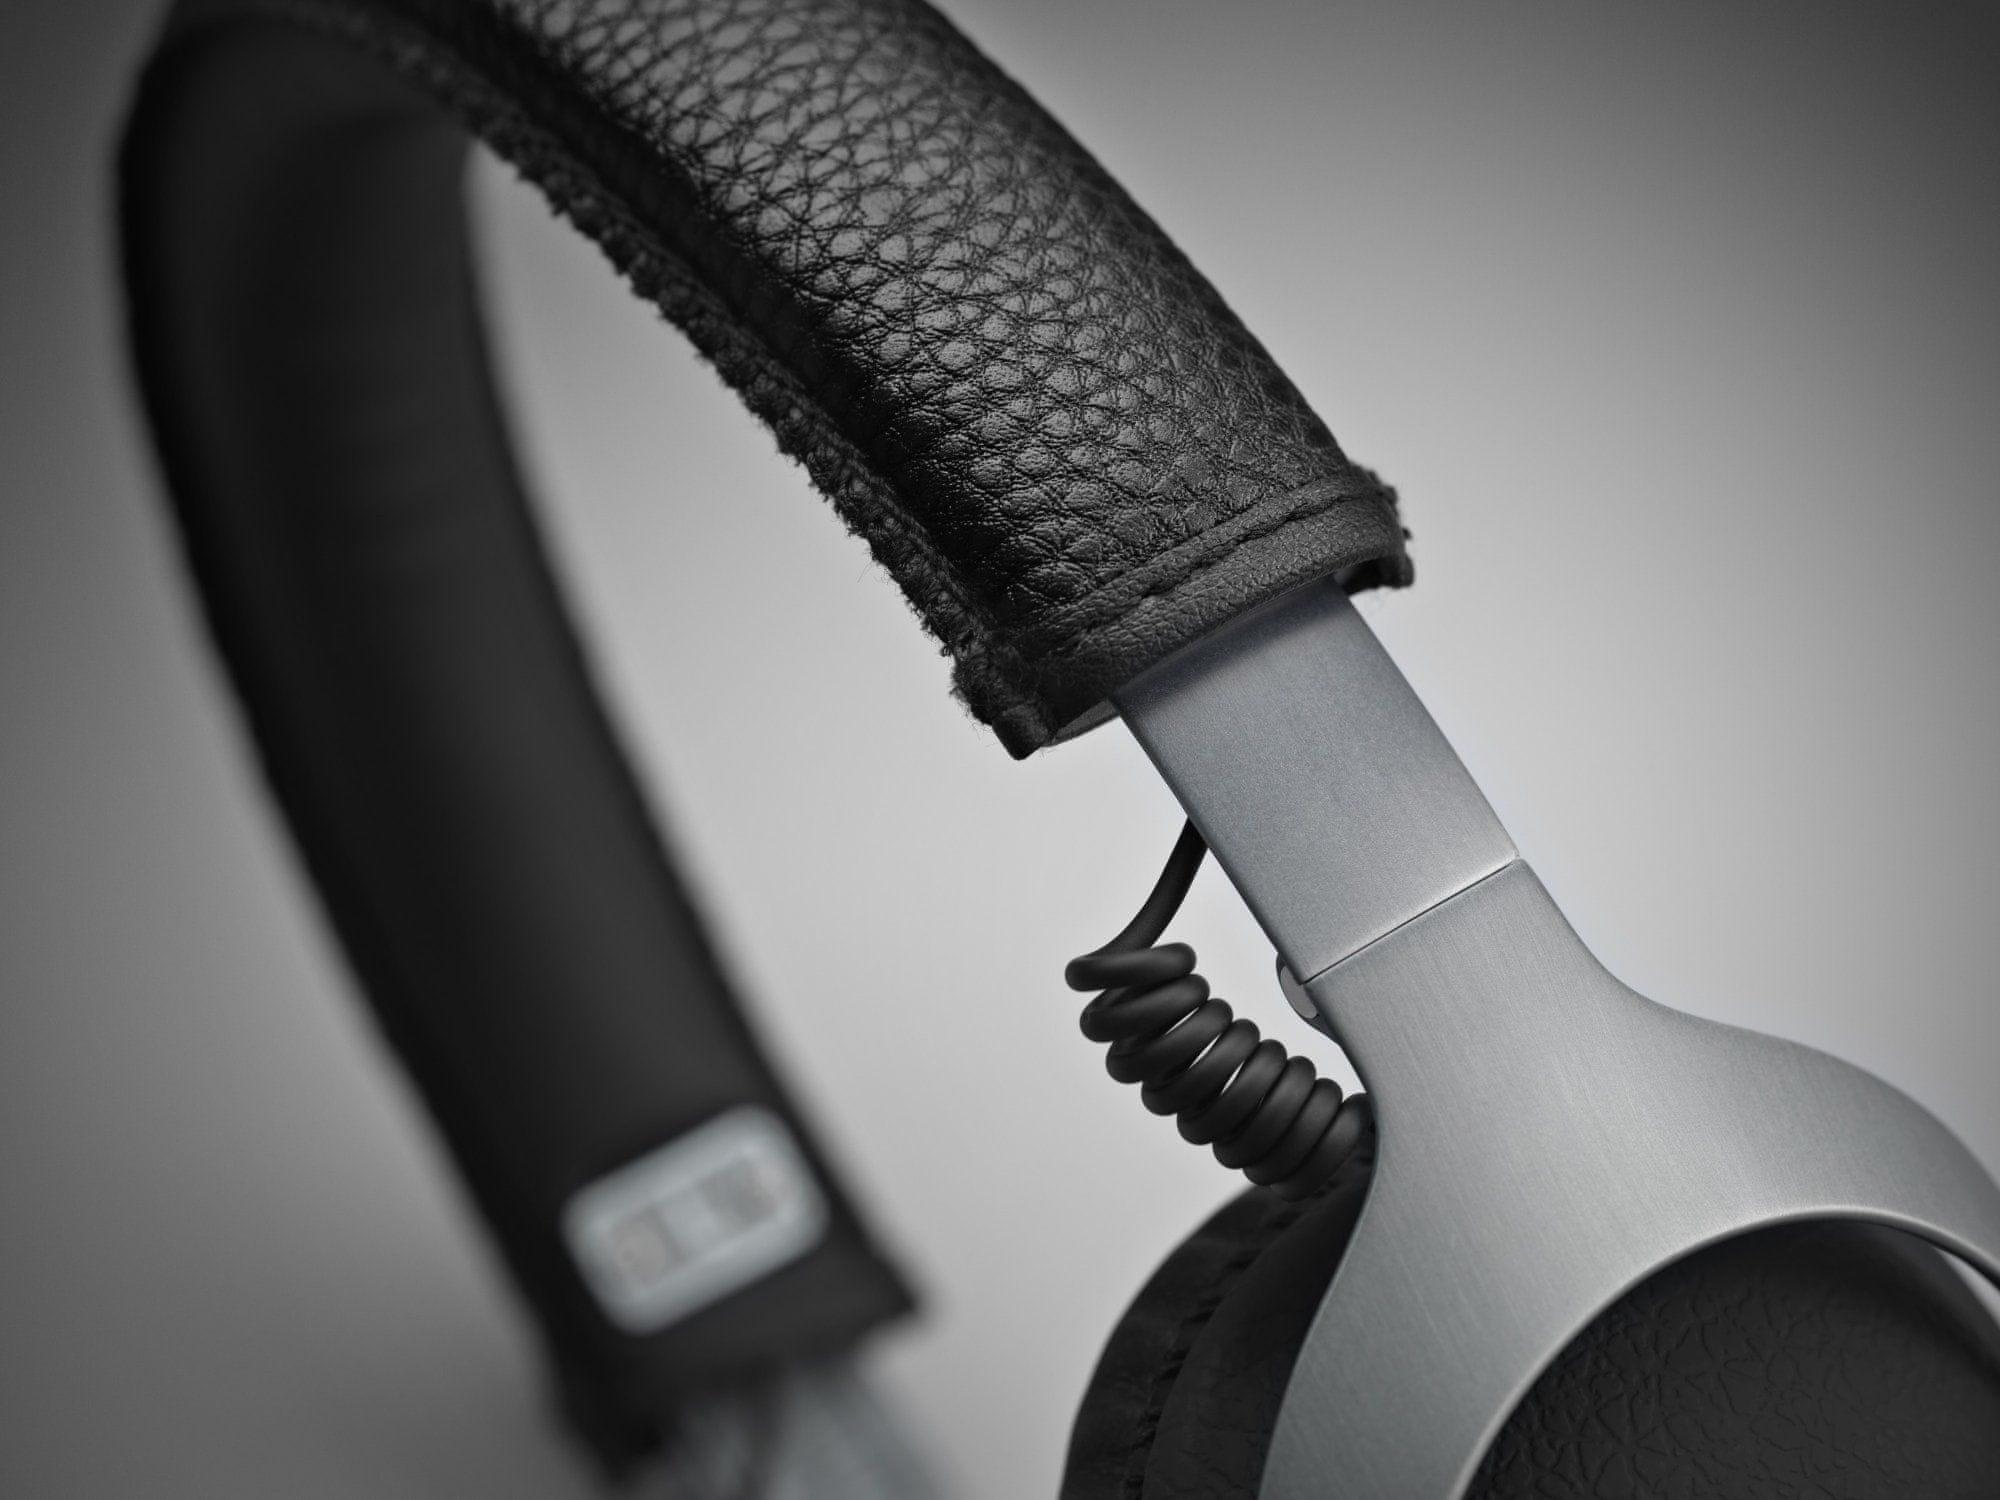 prenosné moderné slúchadlá marshall monitor Steel Edition káblové diaľkové ovládanie handsfree mikrofón skladacia konštrukcia ftf systém